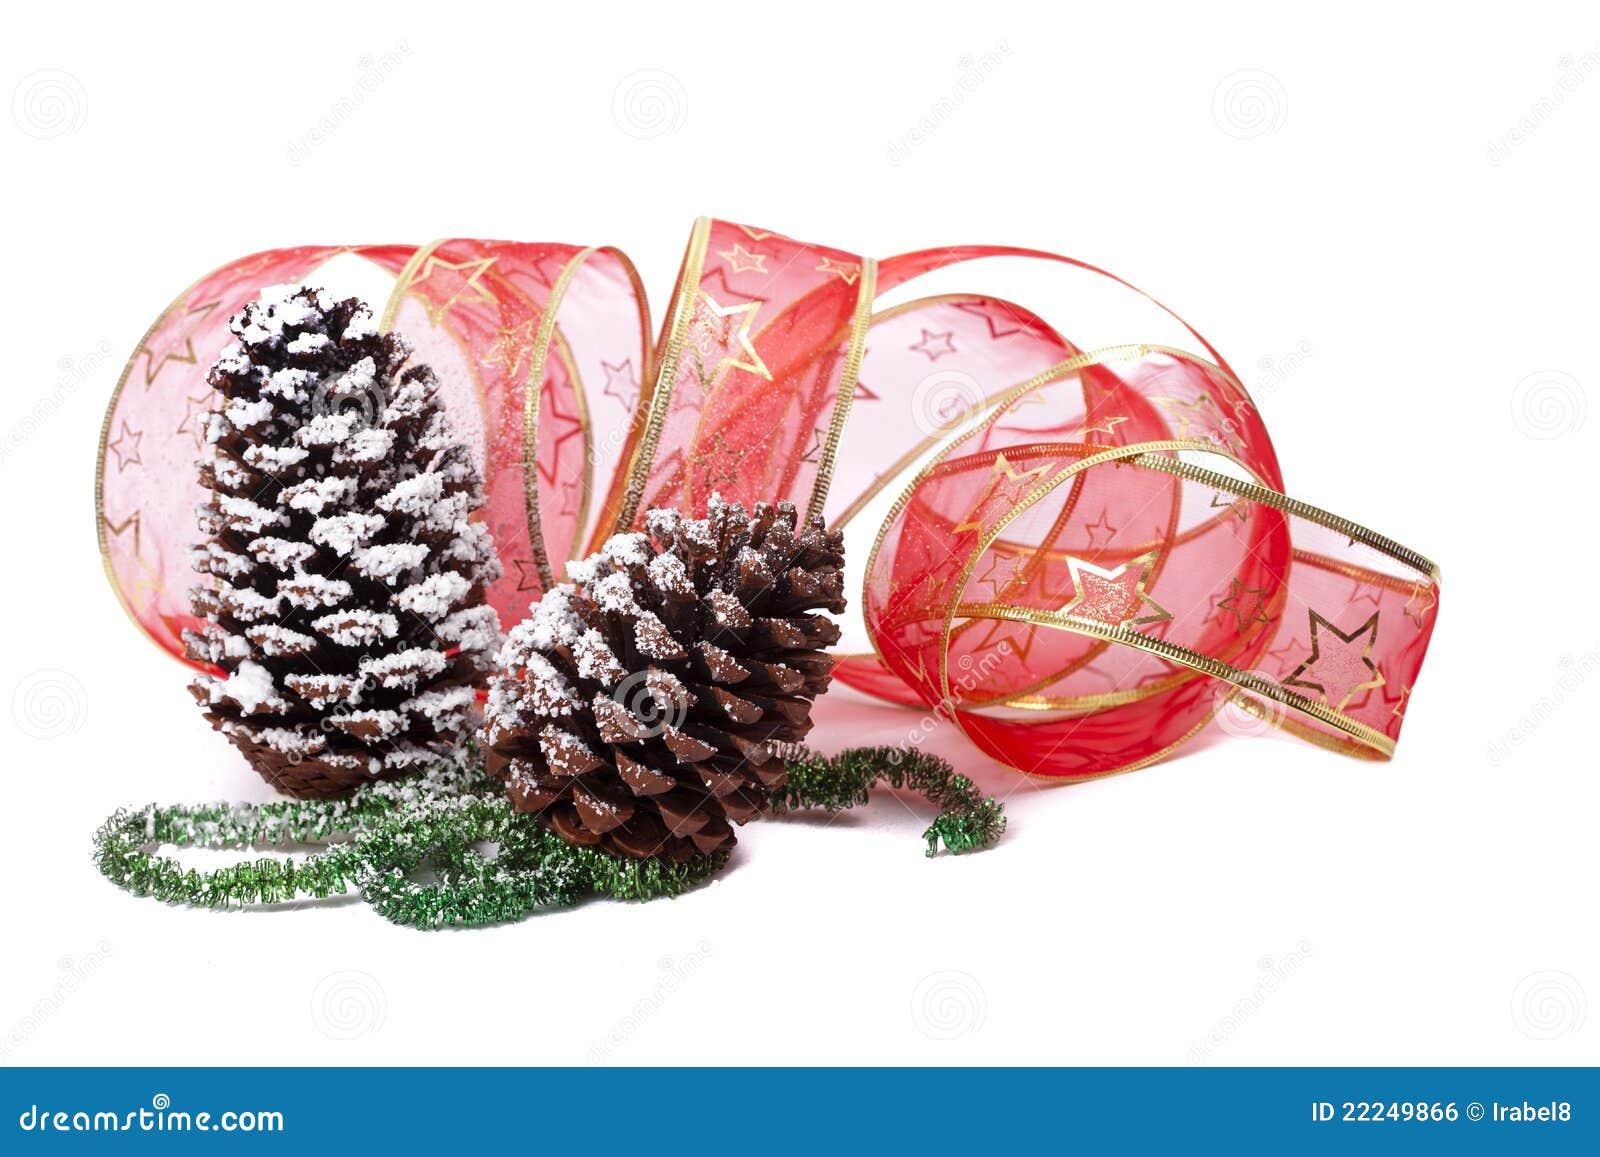 #A52628 Décoration De Noël Avec Des Pinecones Tresse Verte 6115 decoration de noel verte 1300x957 px @ aertt.com